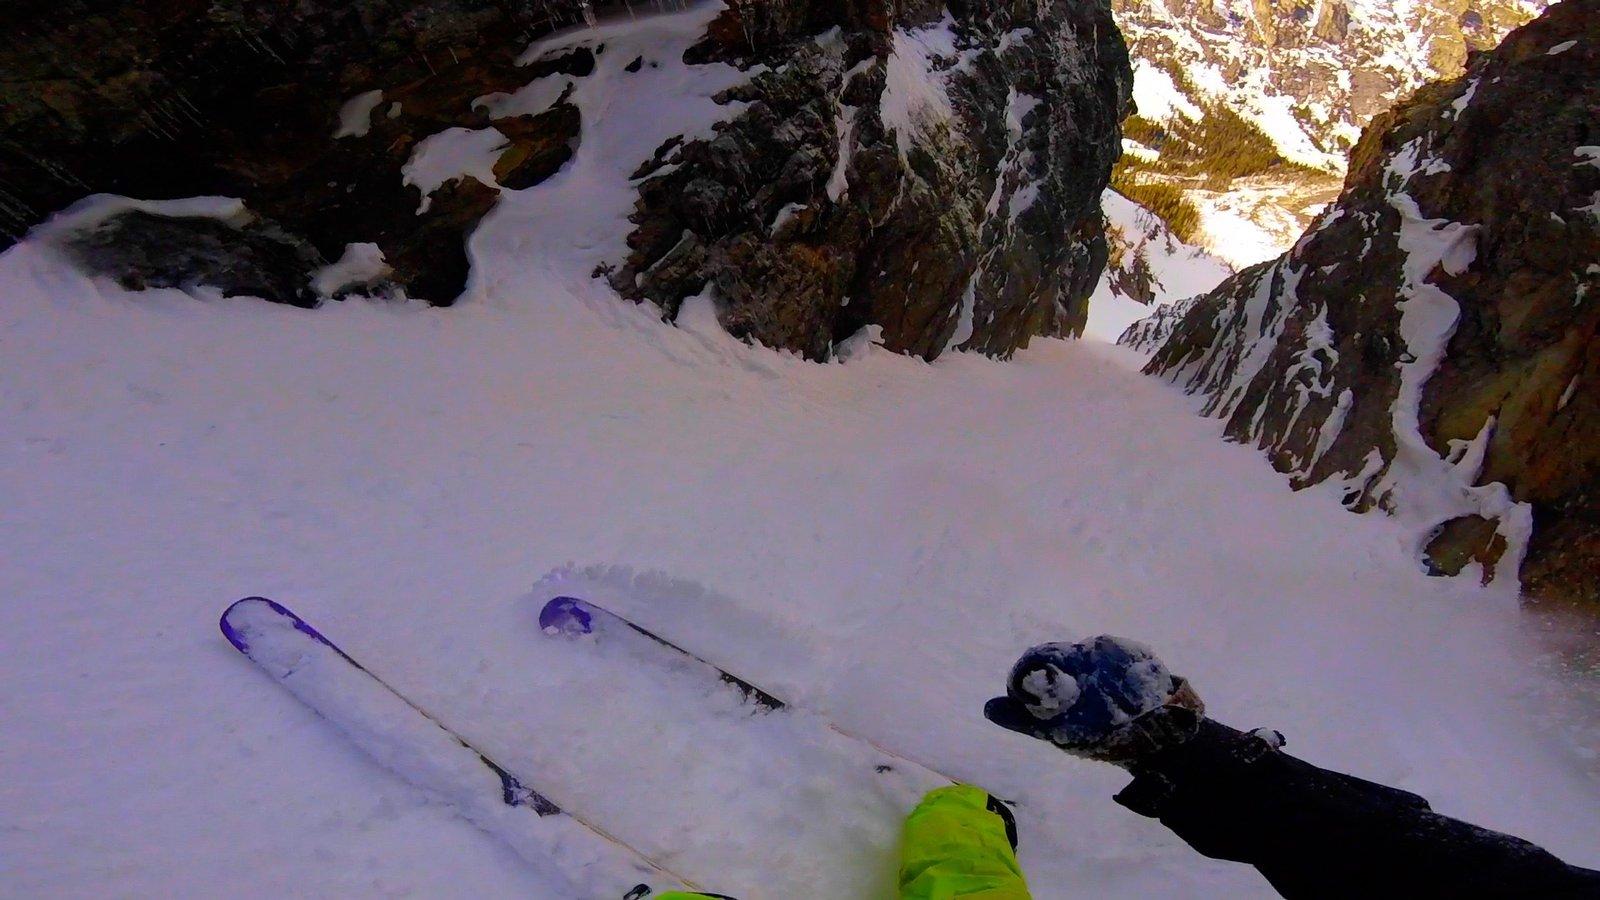 Ass Skiing SZN